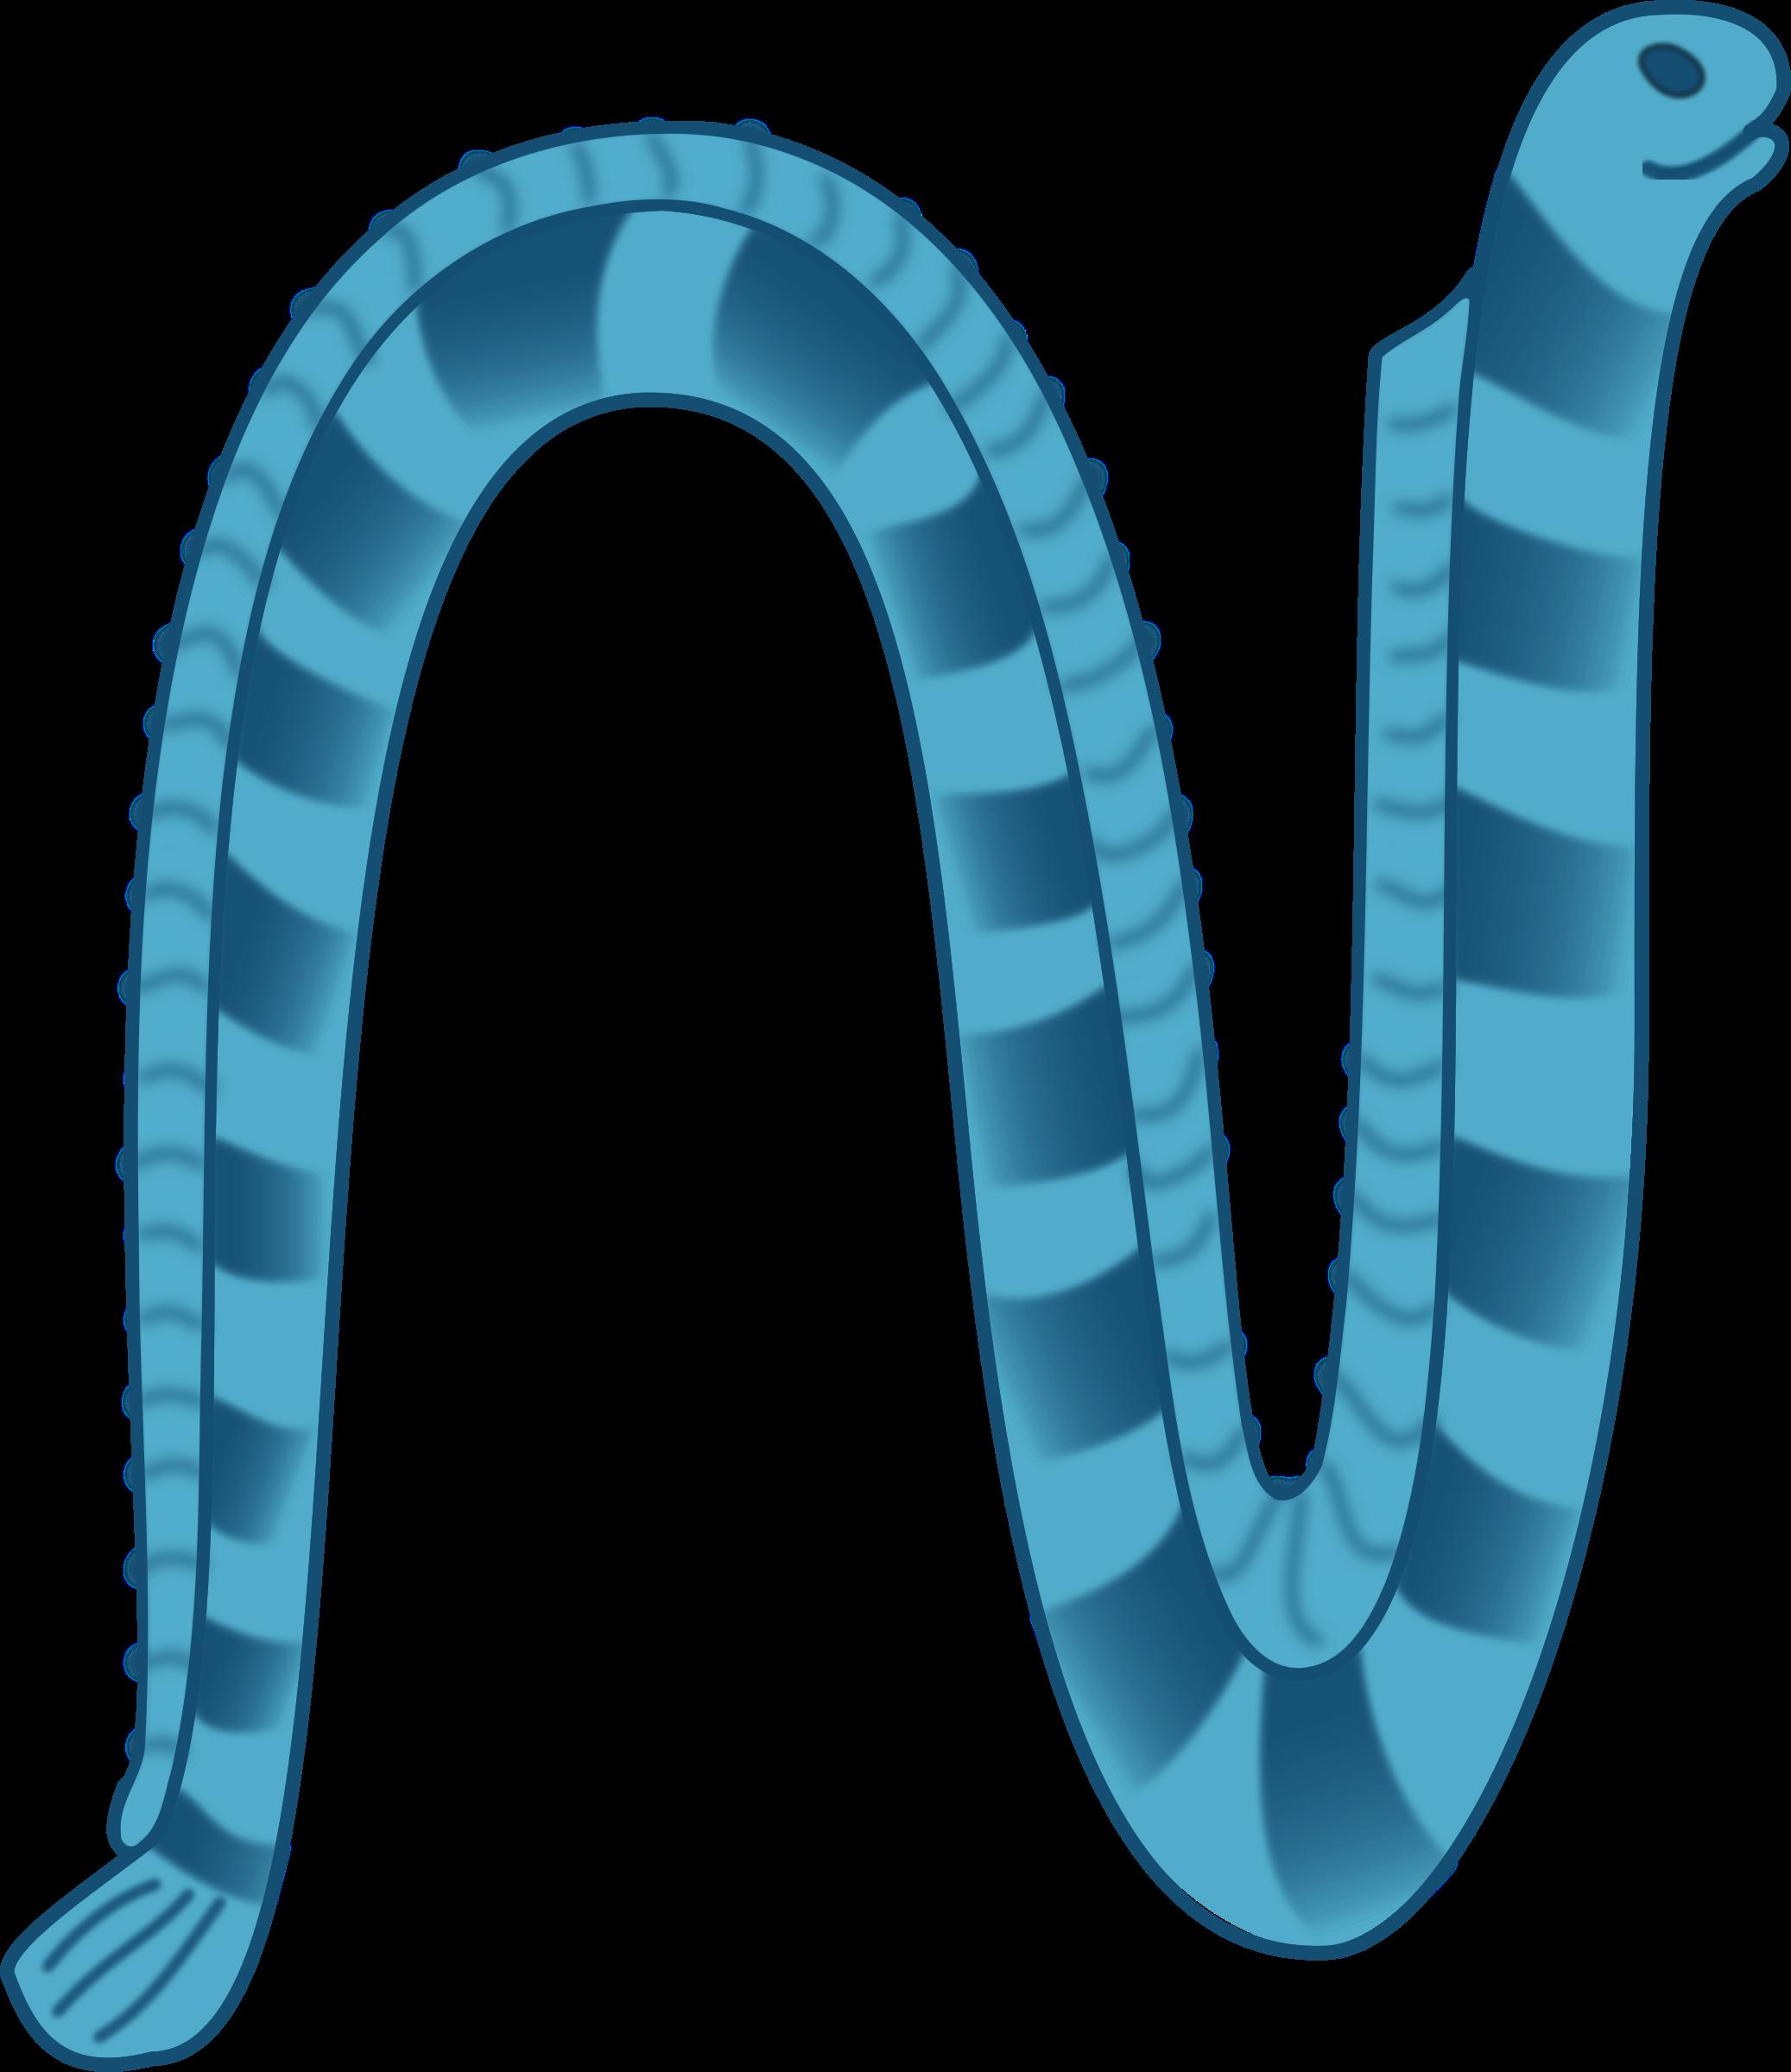 Snake clipart sea snake. Big image png